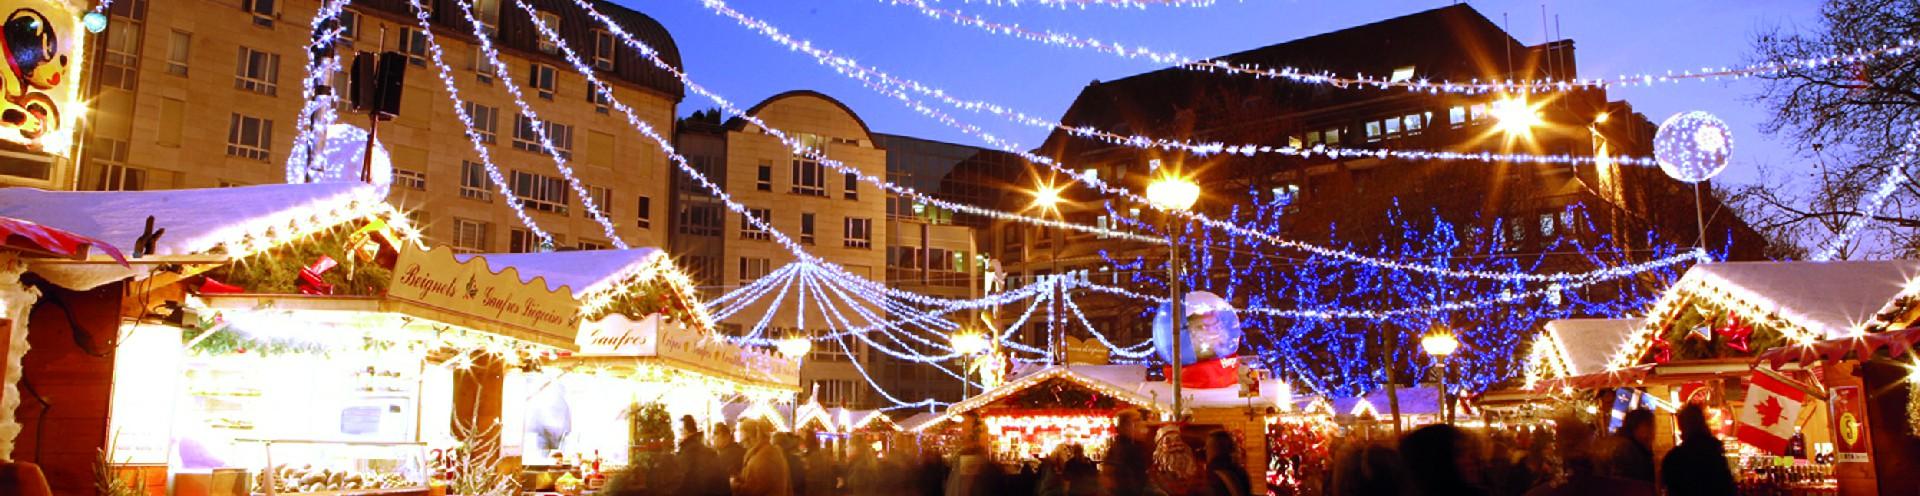 Groepsaanvraag Kerstmarkt Dusseldorf Brabant Expres